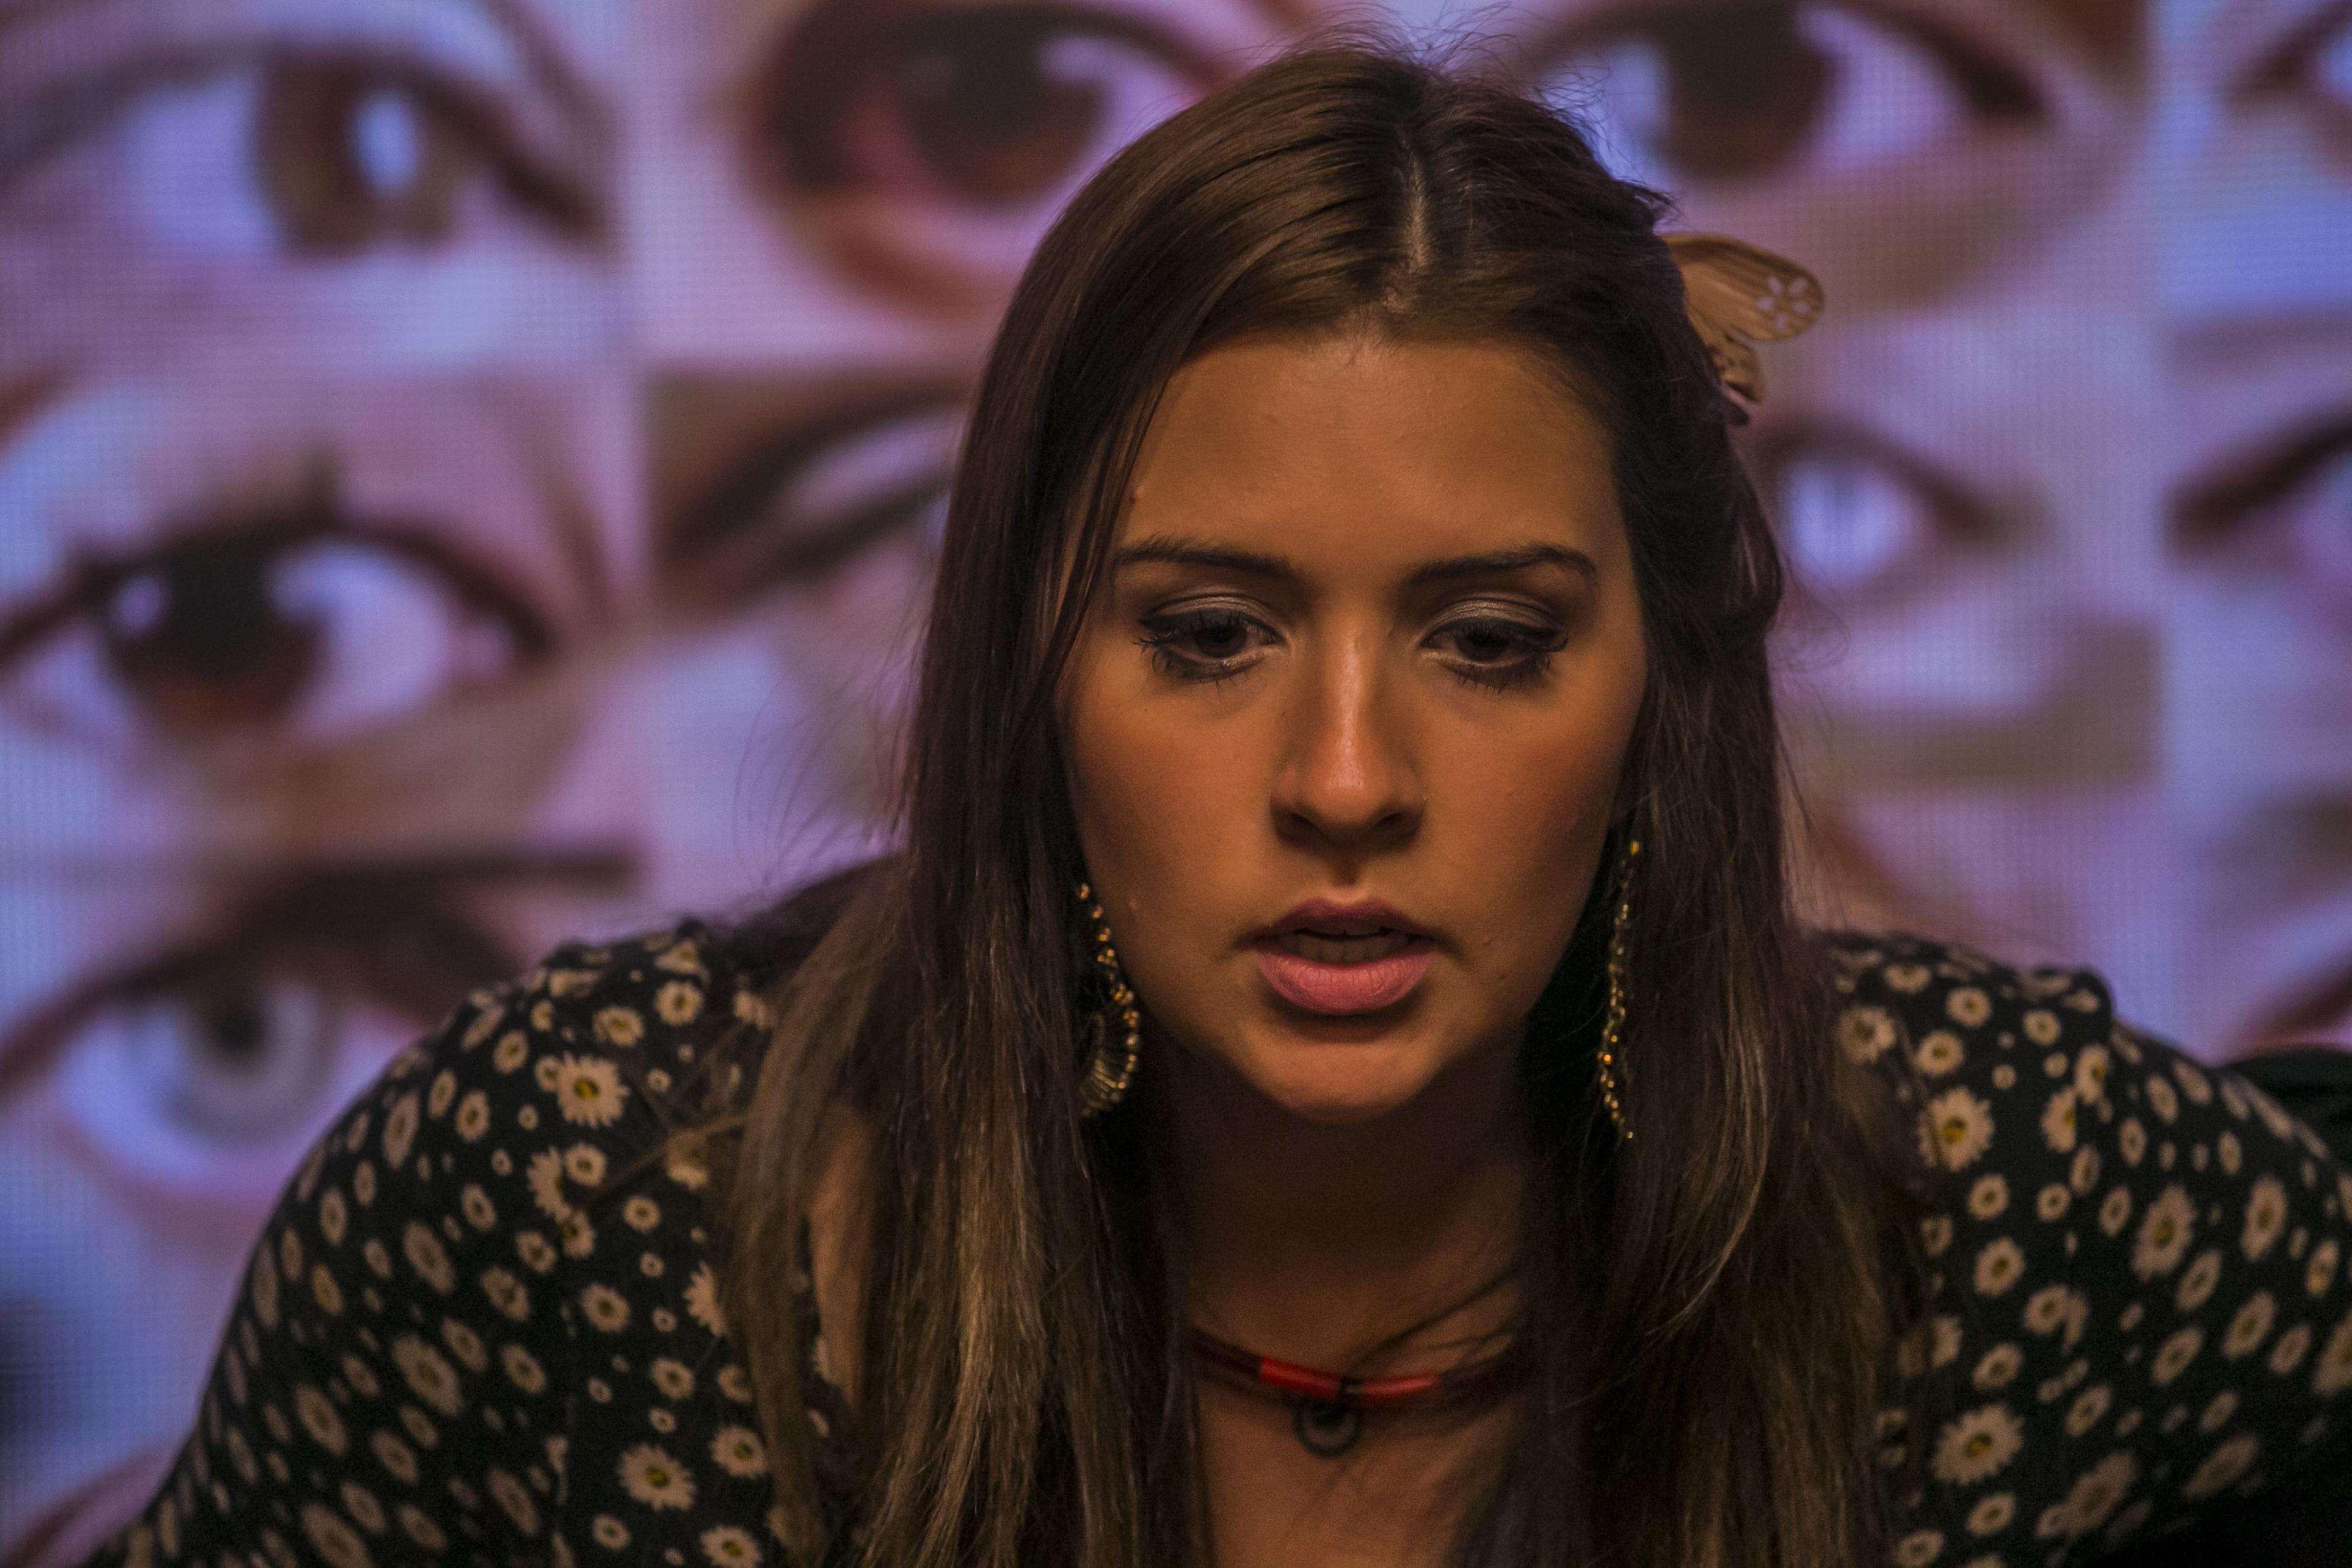 Tamires caiu no choro nesta quinta-feira (26) Foto: TV Globo/Divulgação